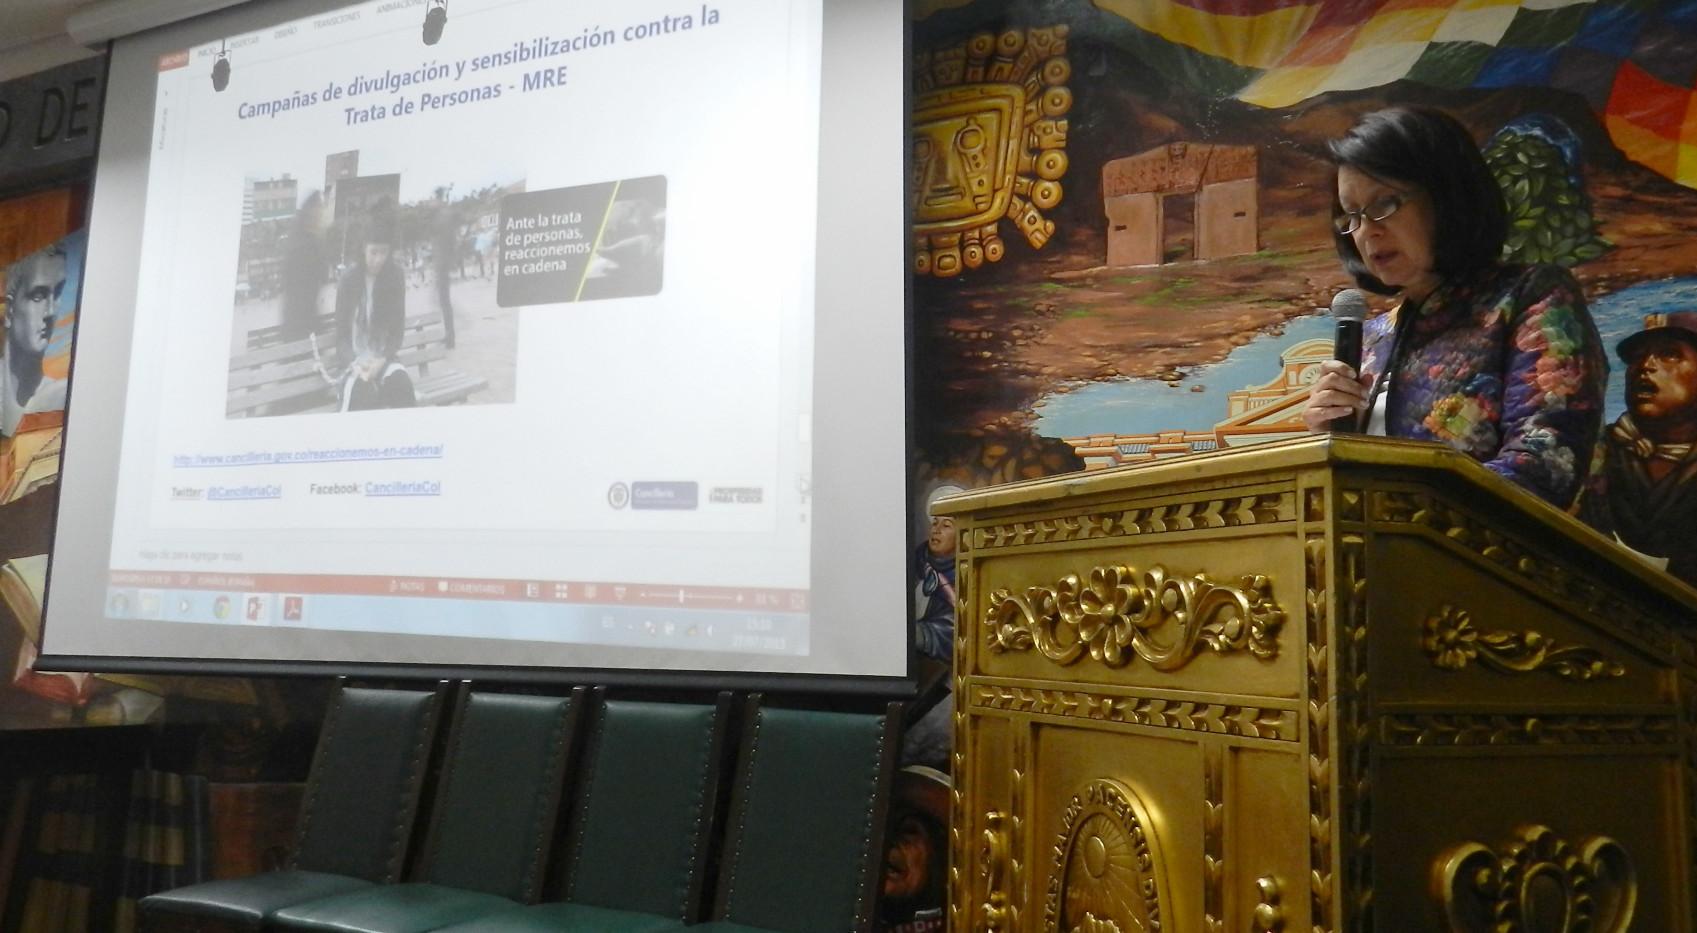 Embajadora Edith Andrade presentó las acciones y resultados de Colombia en la lucha contra la trata de personas